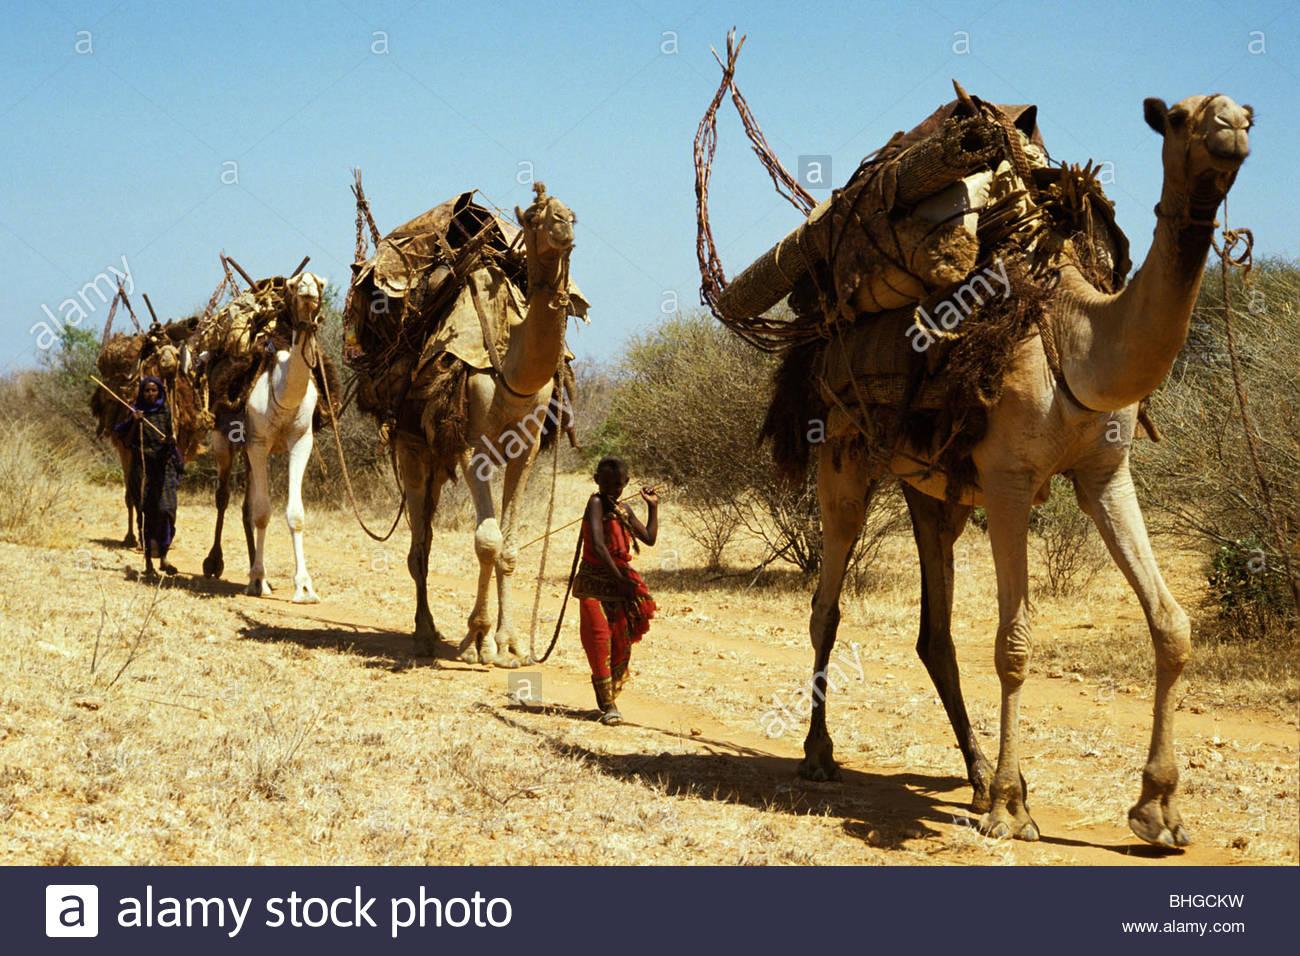 Somali Nomads Camel train - Stock Image